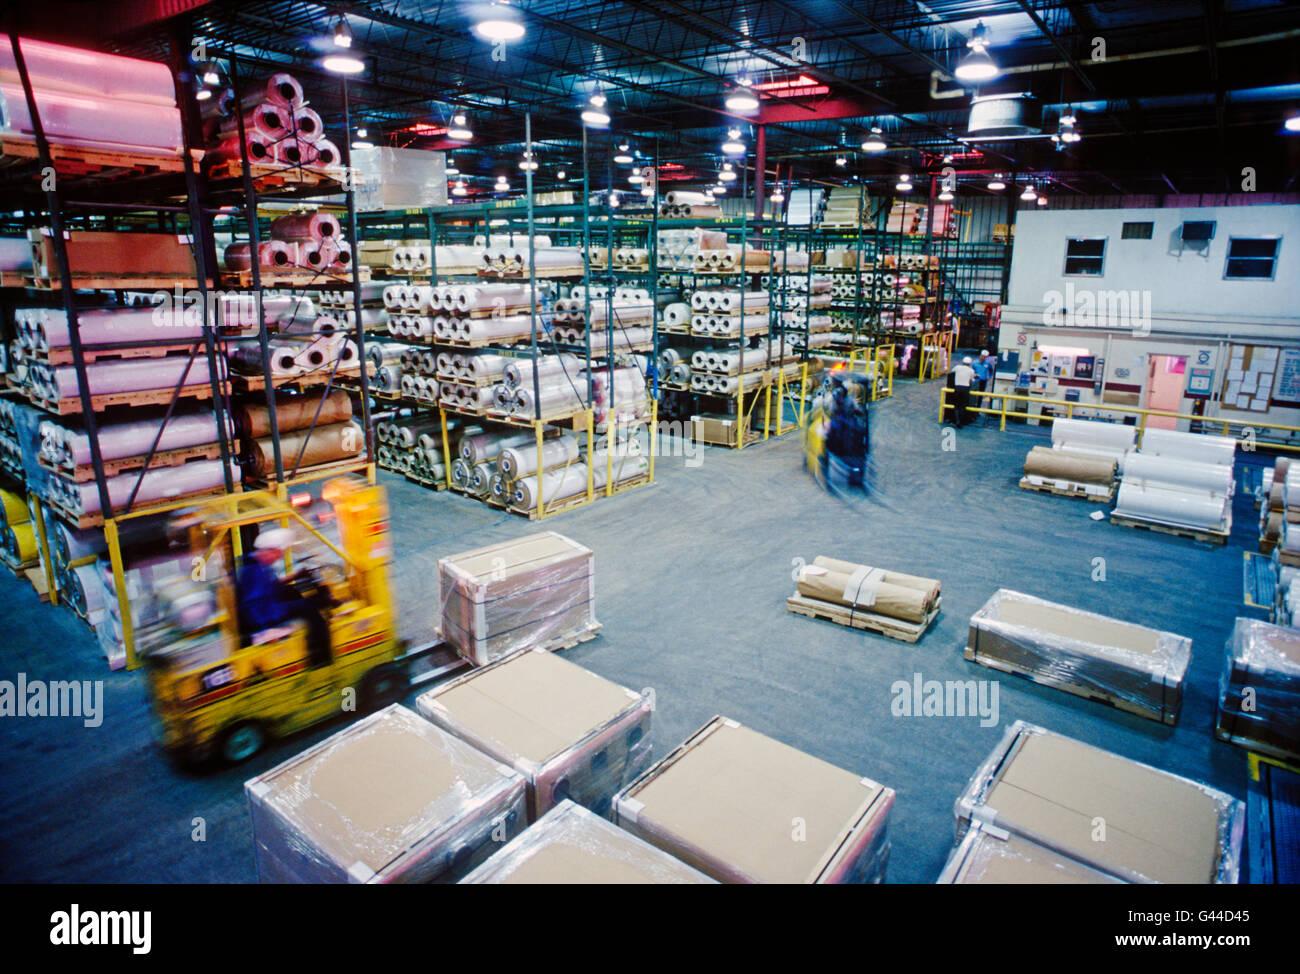 Chariots élévateurs travaillant dans un grand entrepôt de distribution Photo Stock